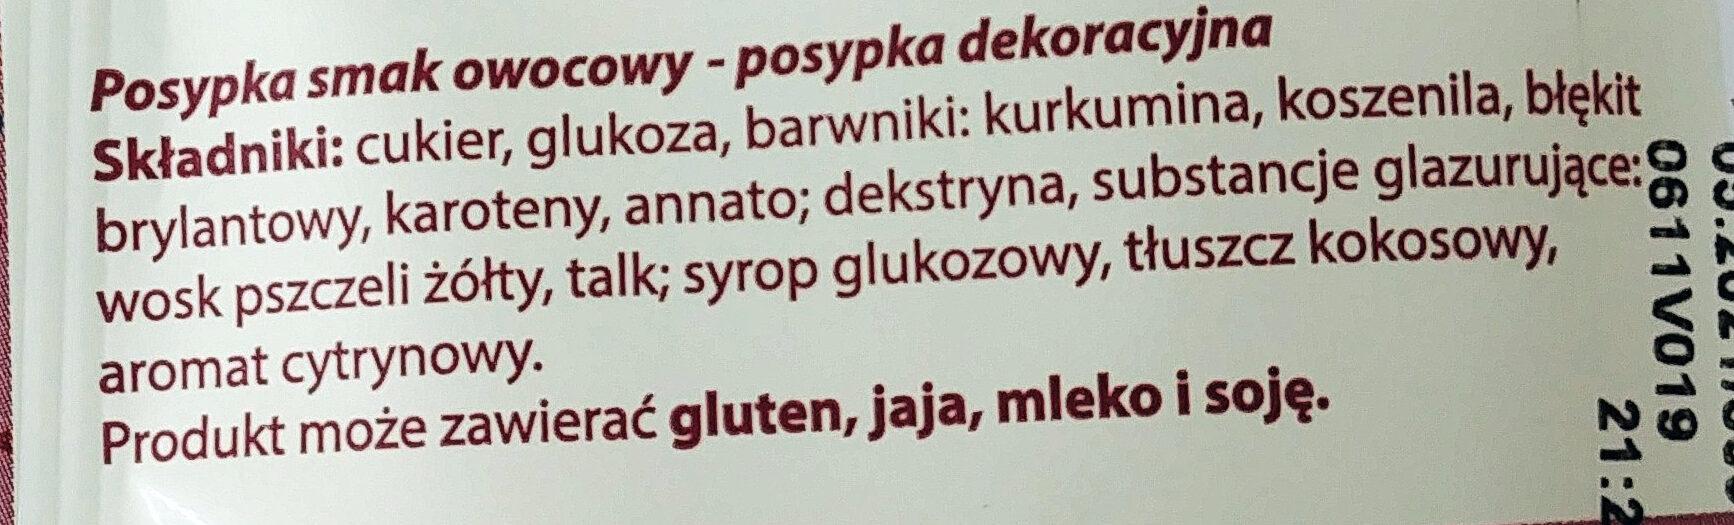 Posypka smak owocowy - posypka dekoracyjna - Ingredients - pl